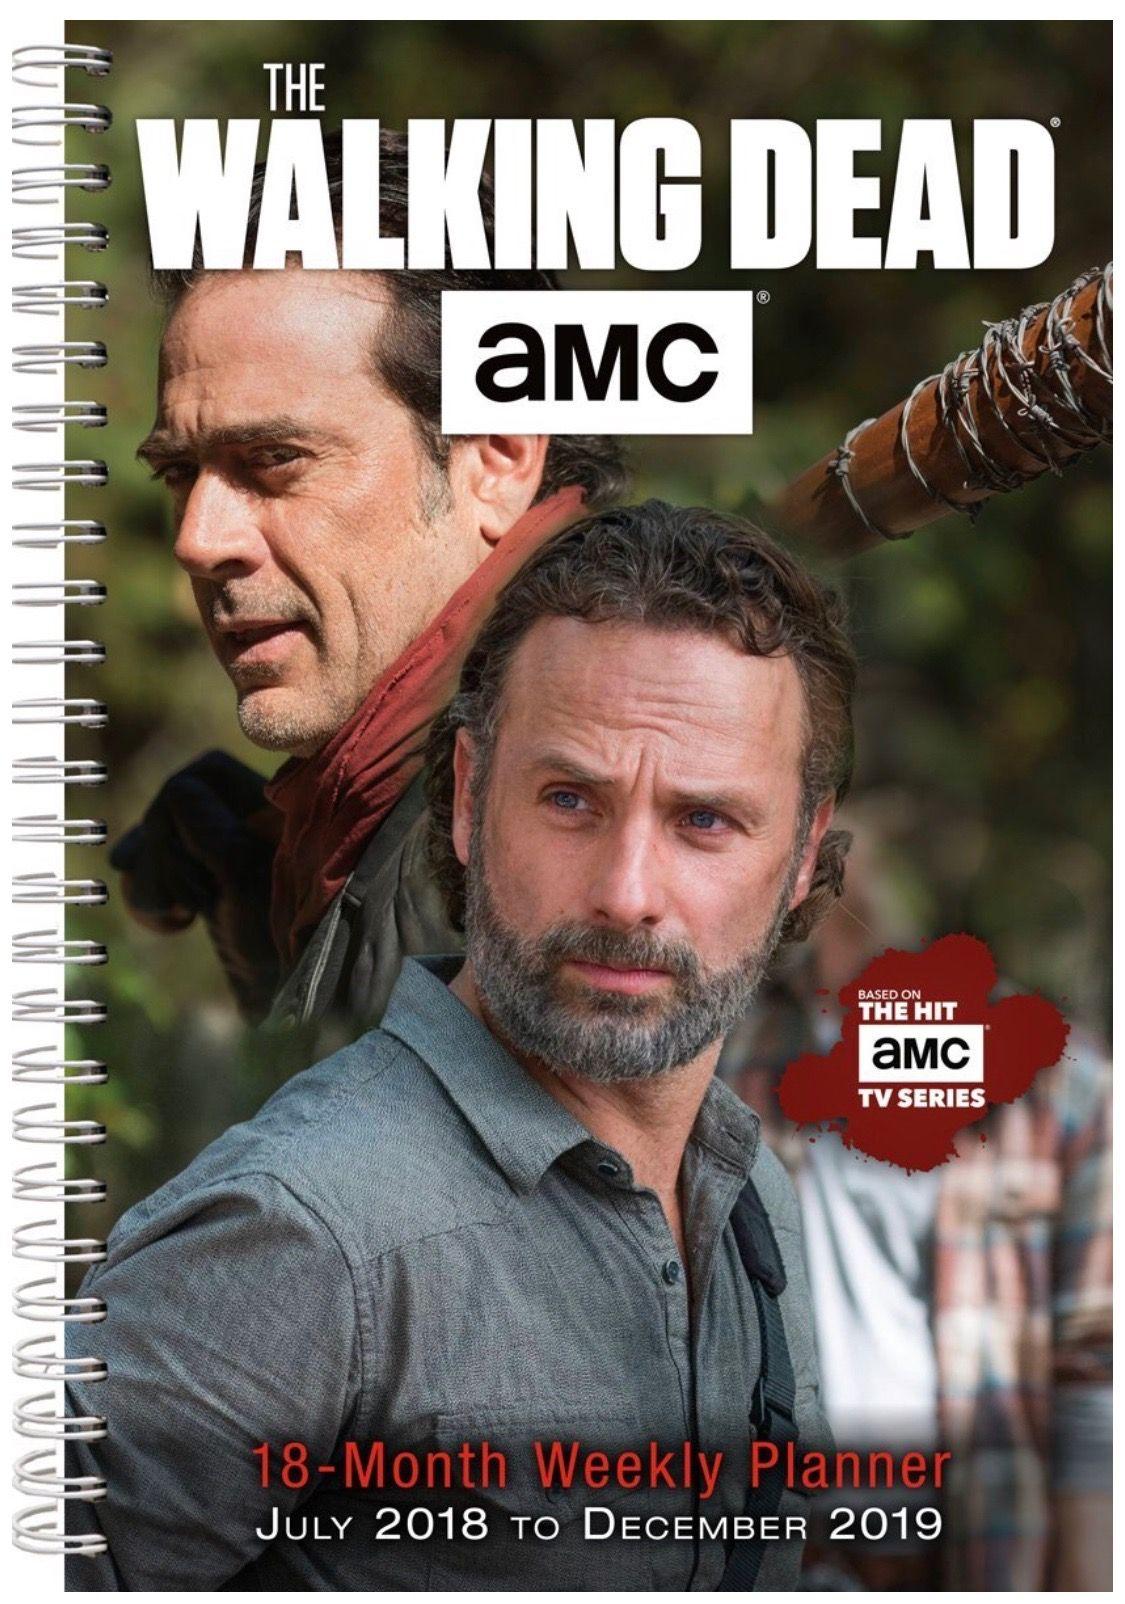 The Walking Dead 2019 Weekly Planner The Walking Dead The Walking Dead Merchandise Amc